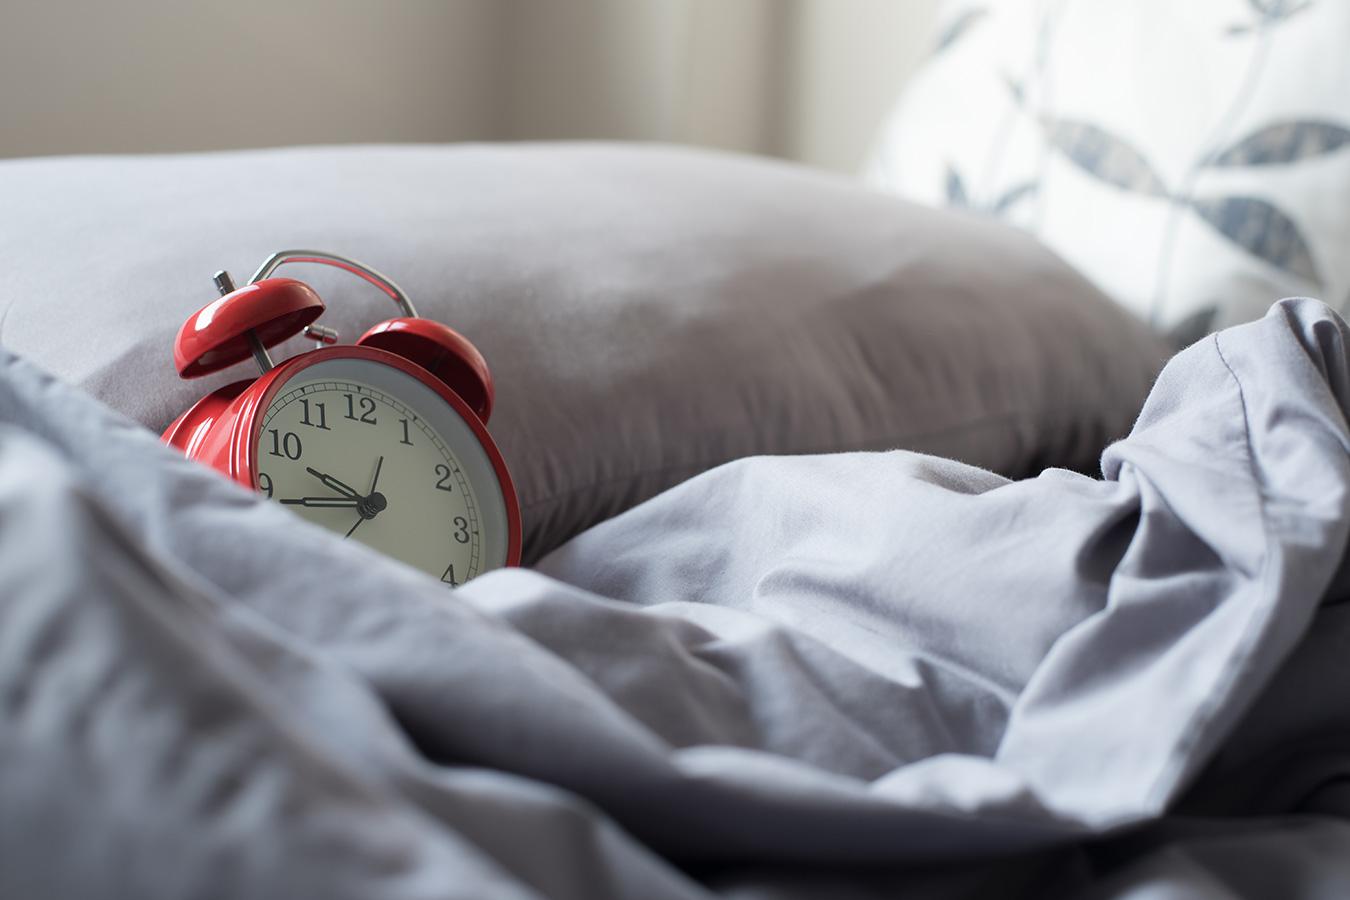 koliko-sati-sna-treba-svaki-trkac